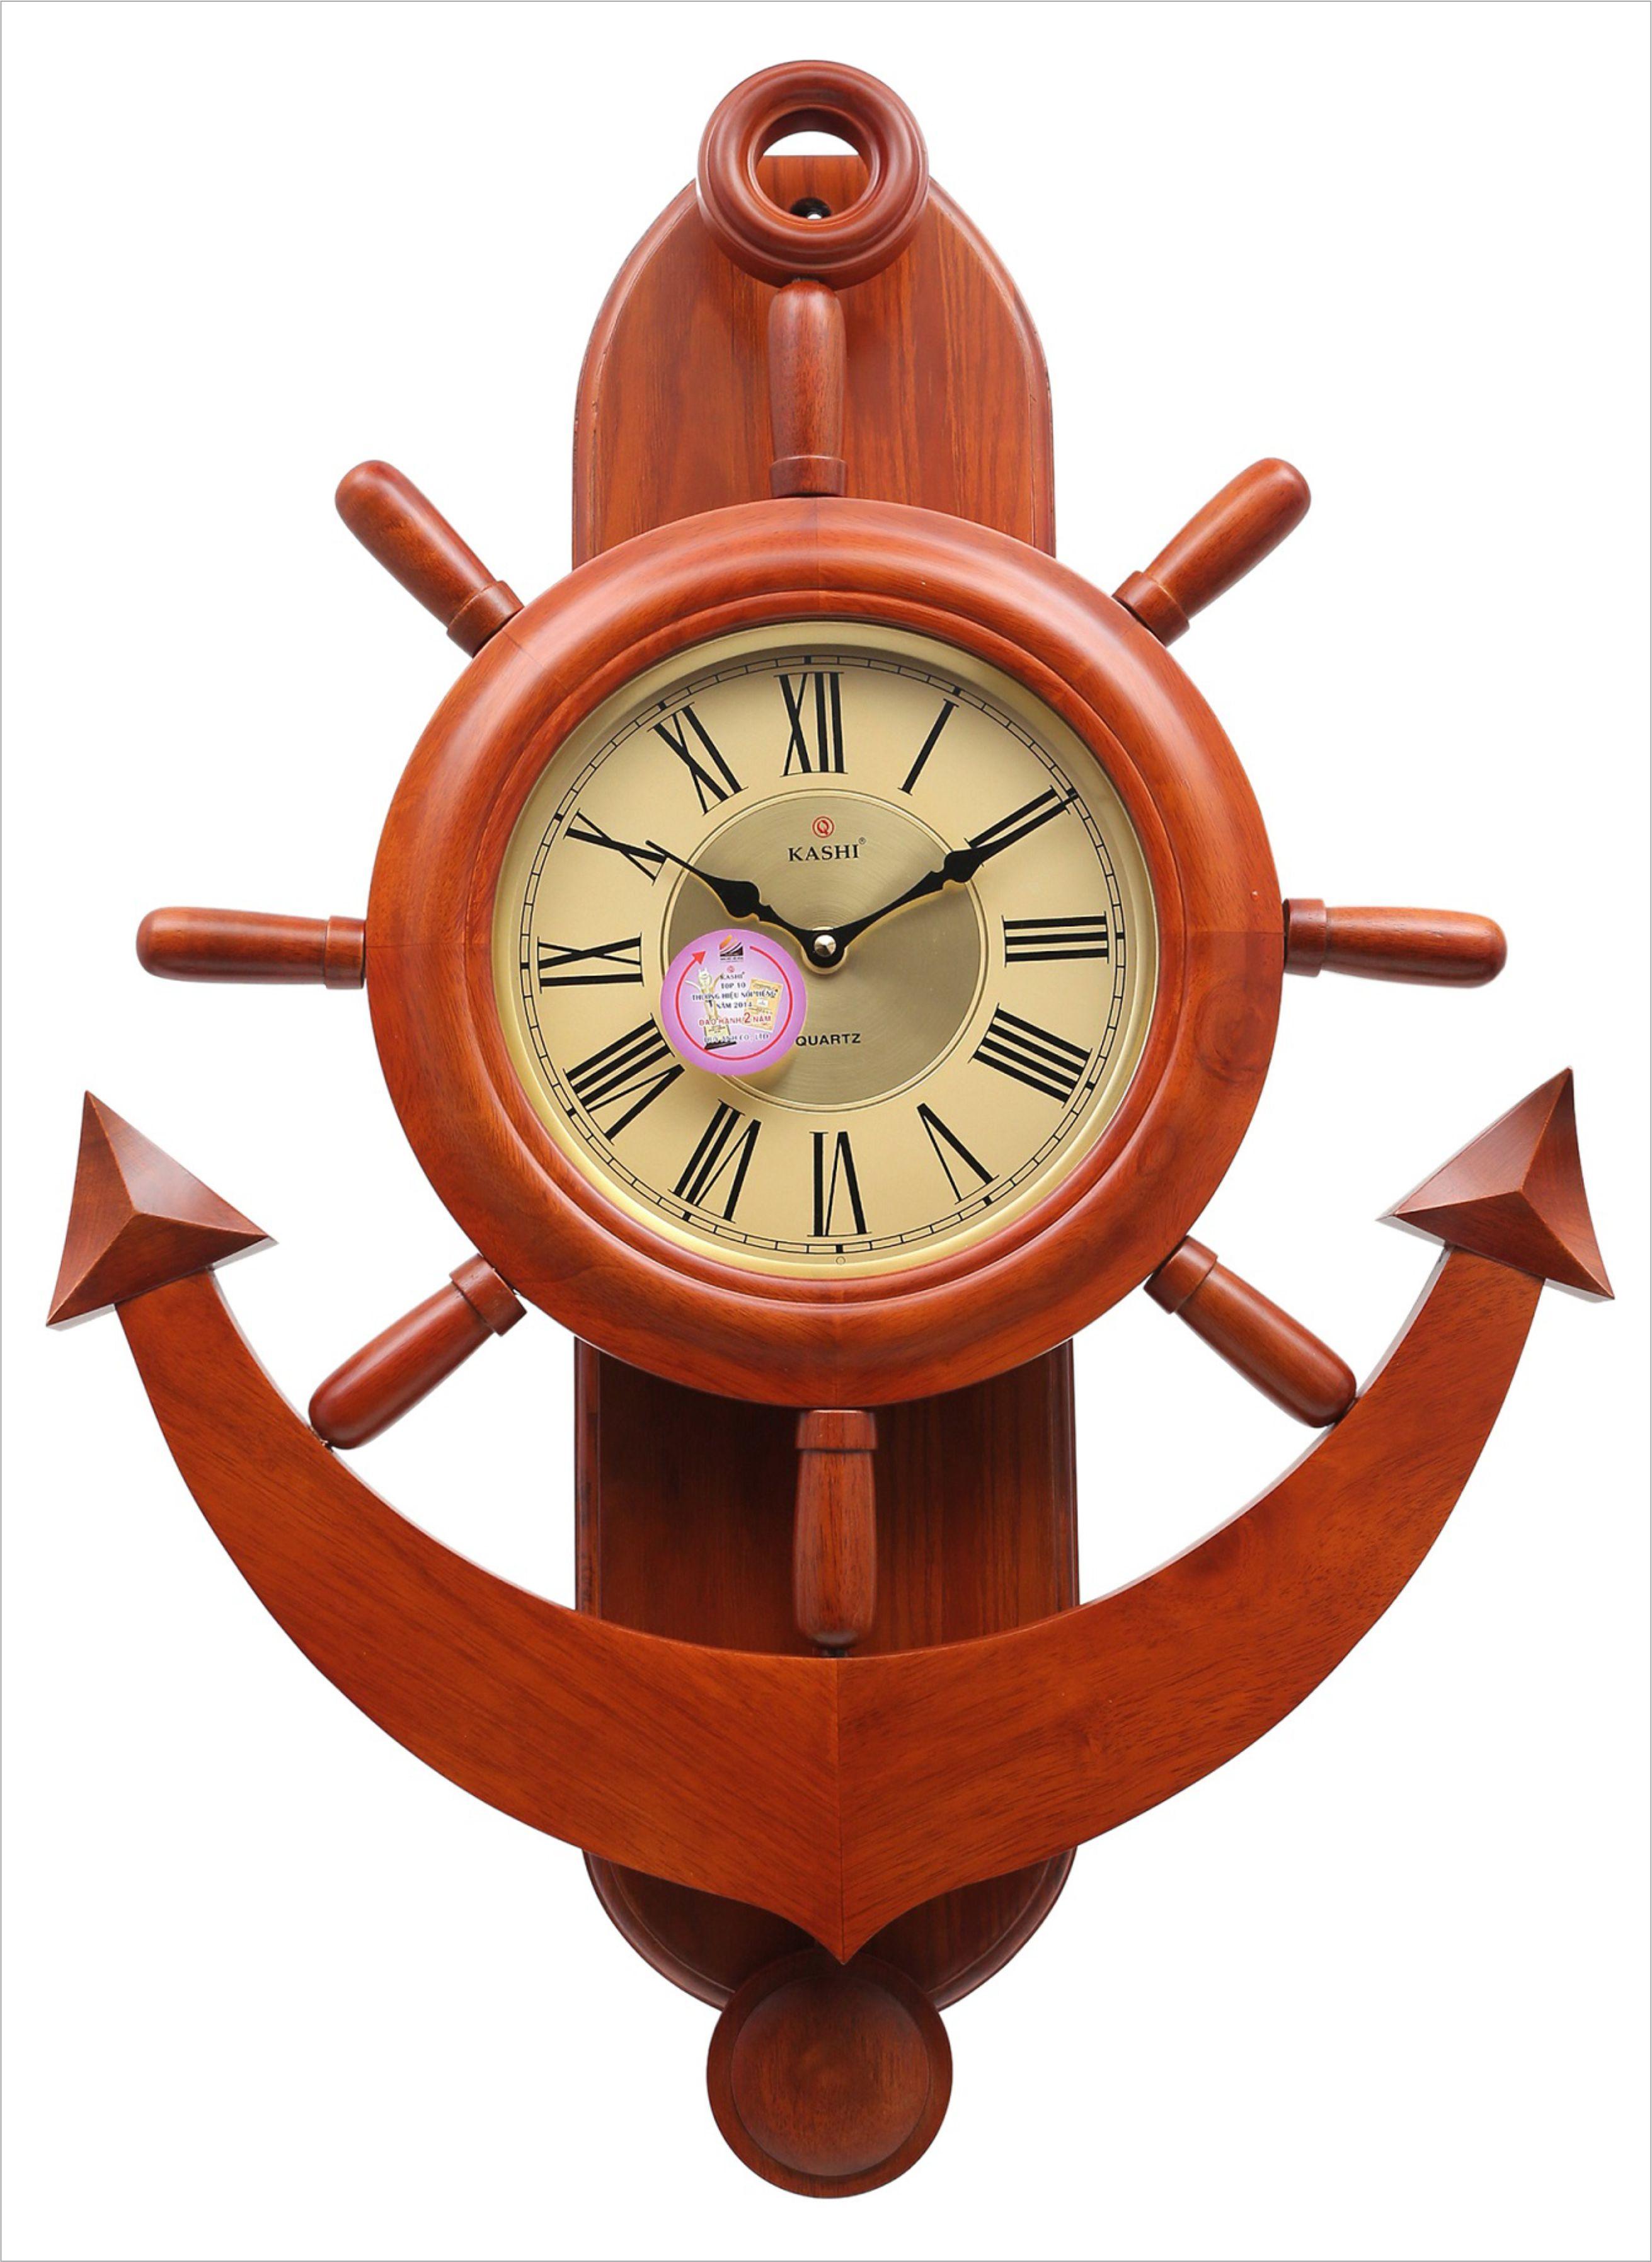 Đồng hồ treo tường quả lắc có nhạc DHHM256 Kashi 8 x 75cm